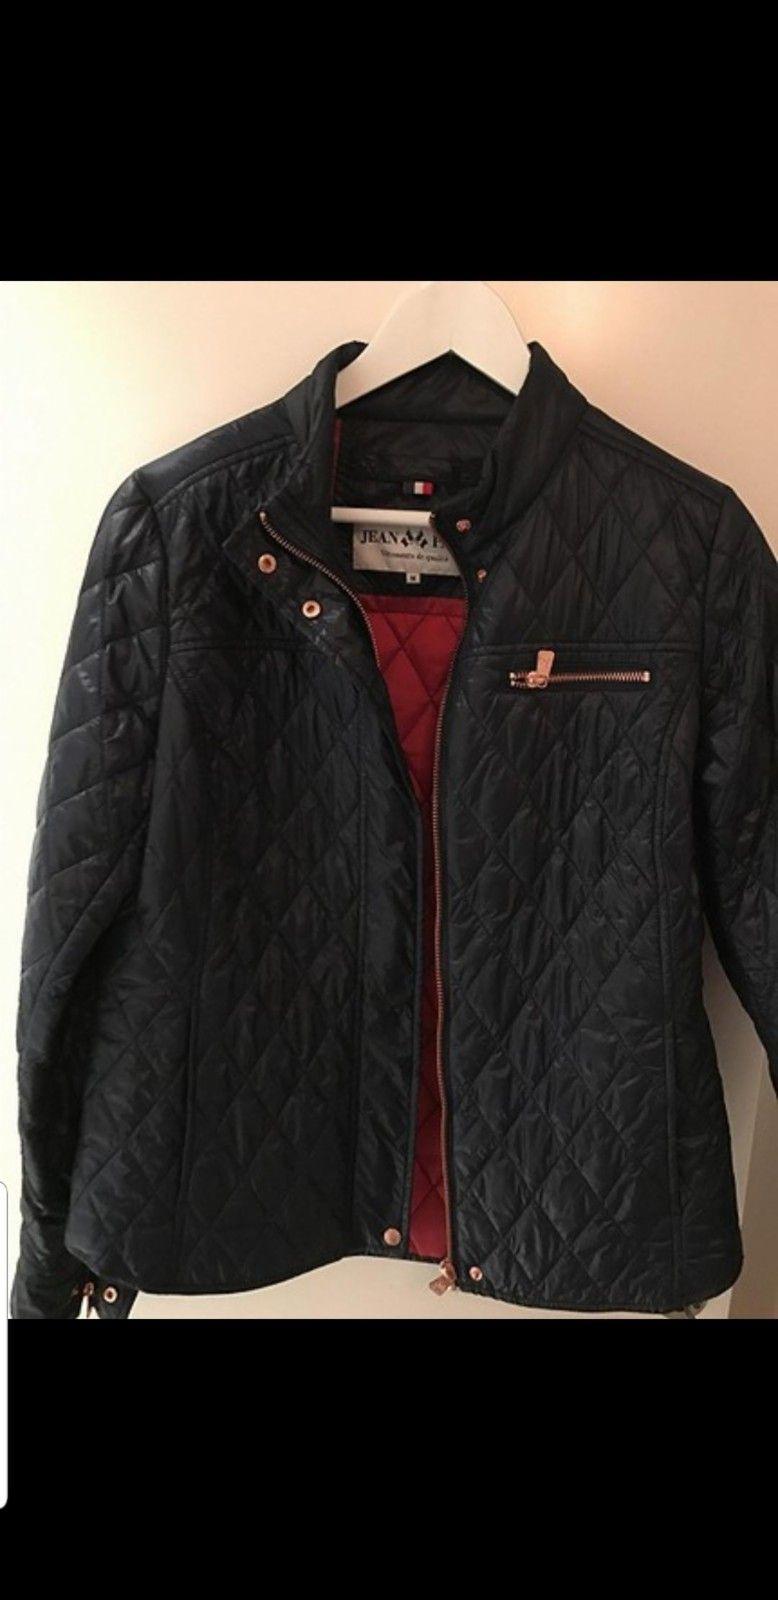 jean paul jakke til salgs leirvik